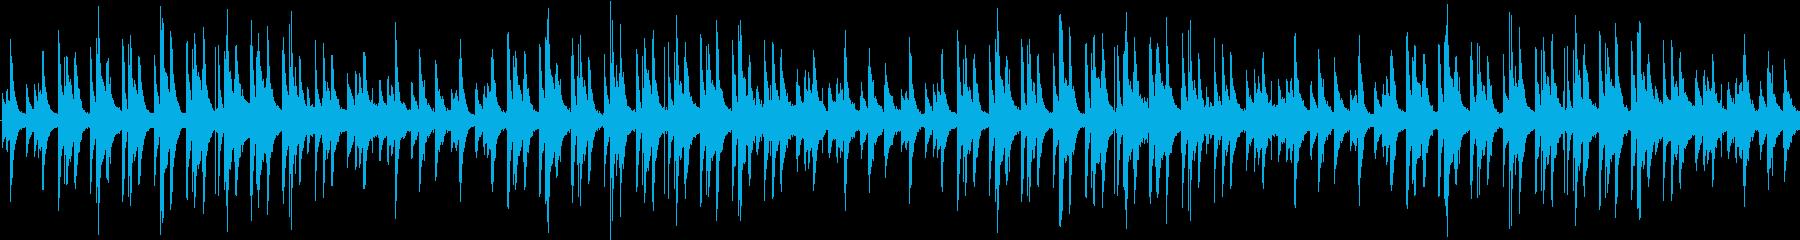 ゆったりと明るく爽やかなピアノBGM-2の再生済みの波形